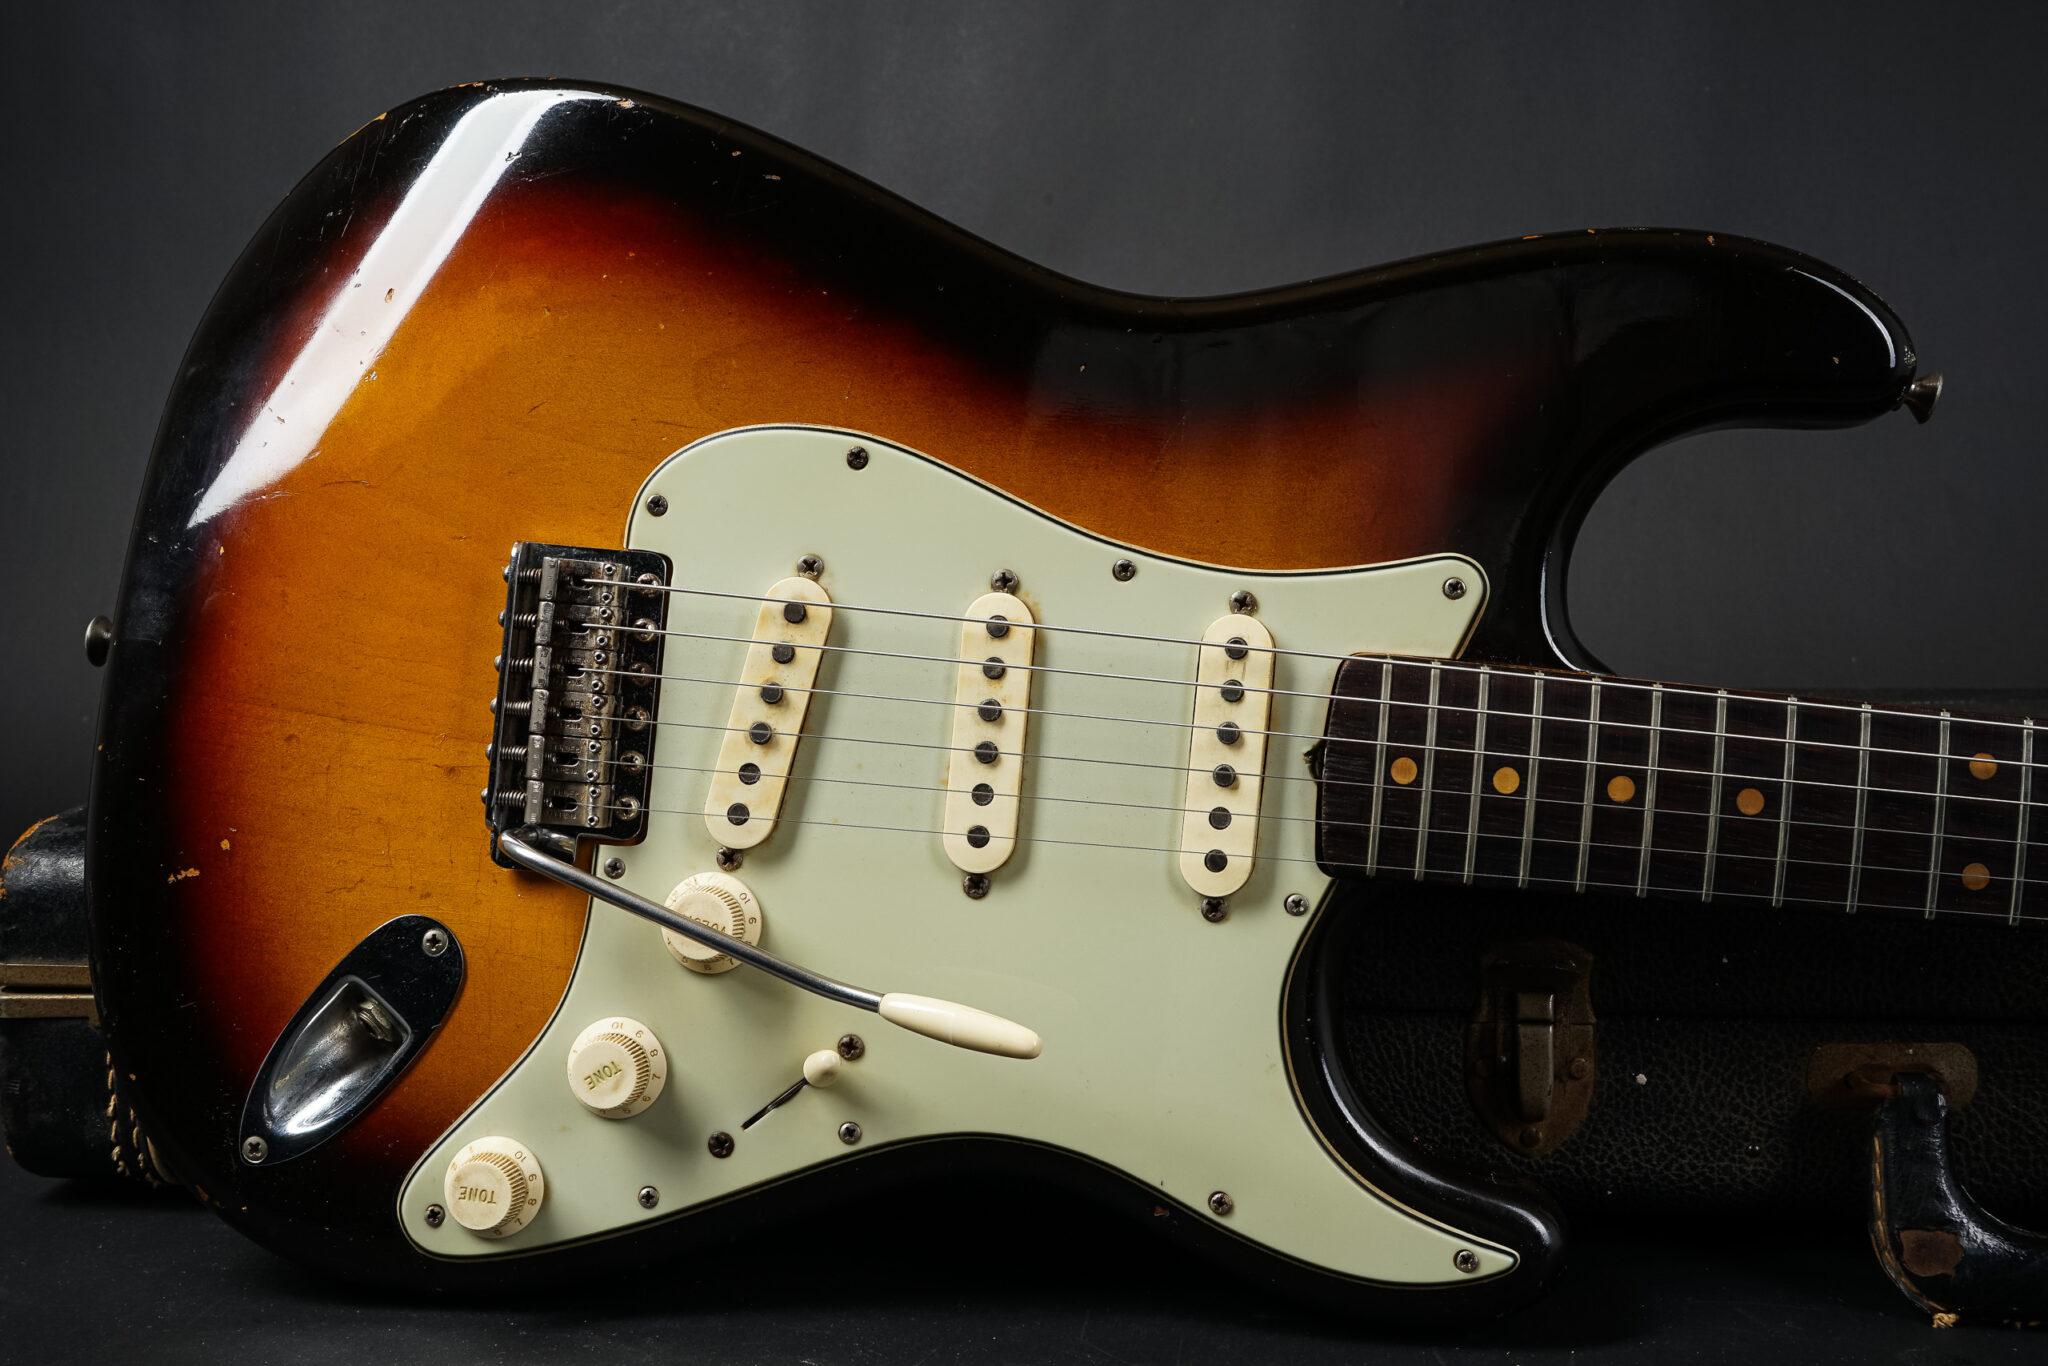 https://guitarpoint.de/app/uploads/products/1963-fender-stratocaster-sunburst-99099/1963-Fender-Stratocaster-Sunburst-99099-9-1-2048x1366.jpg